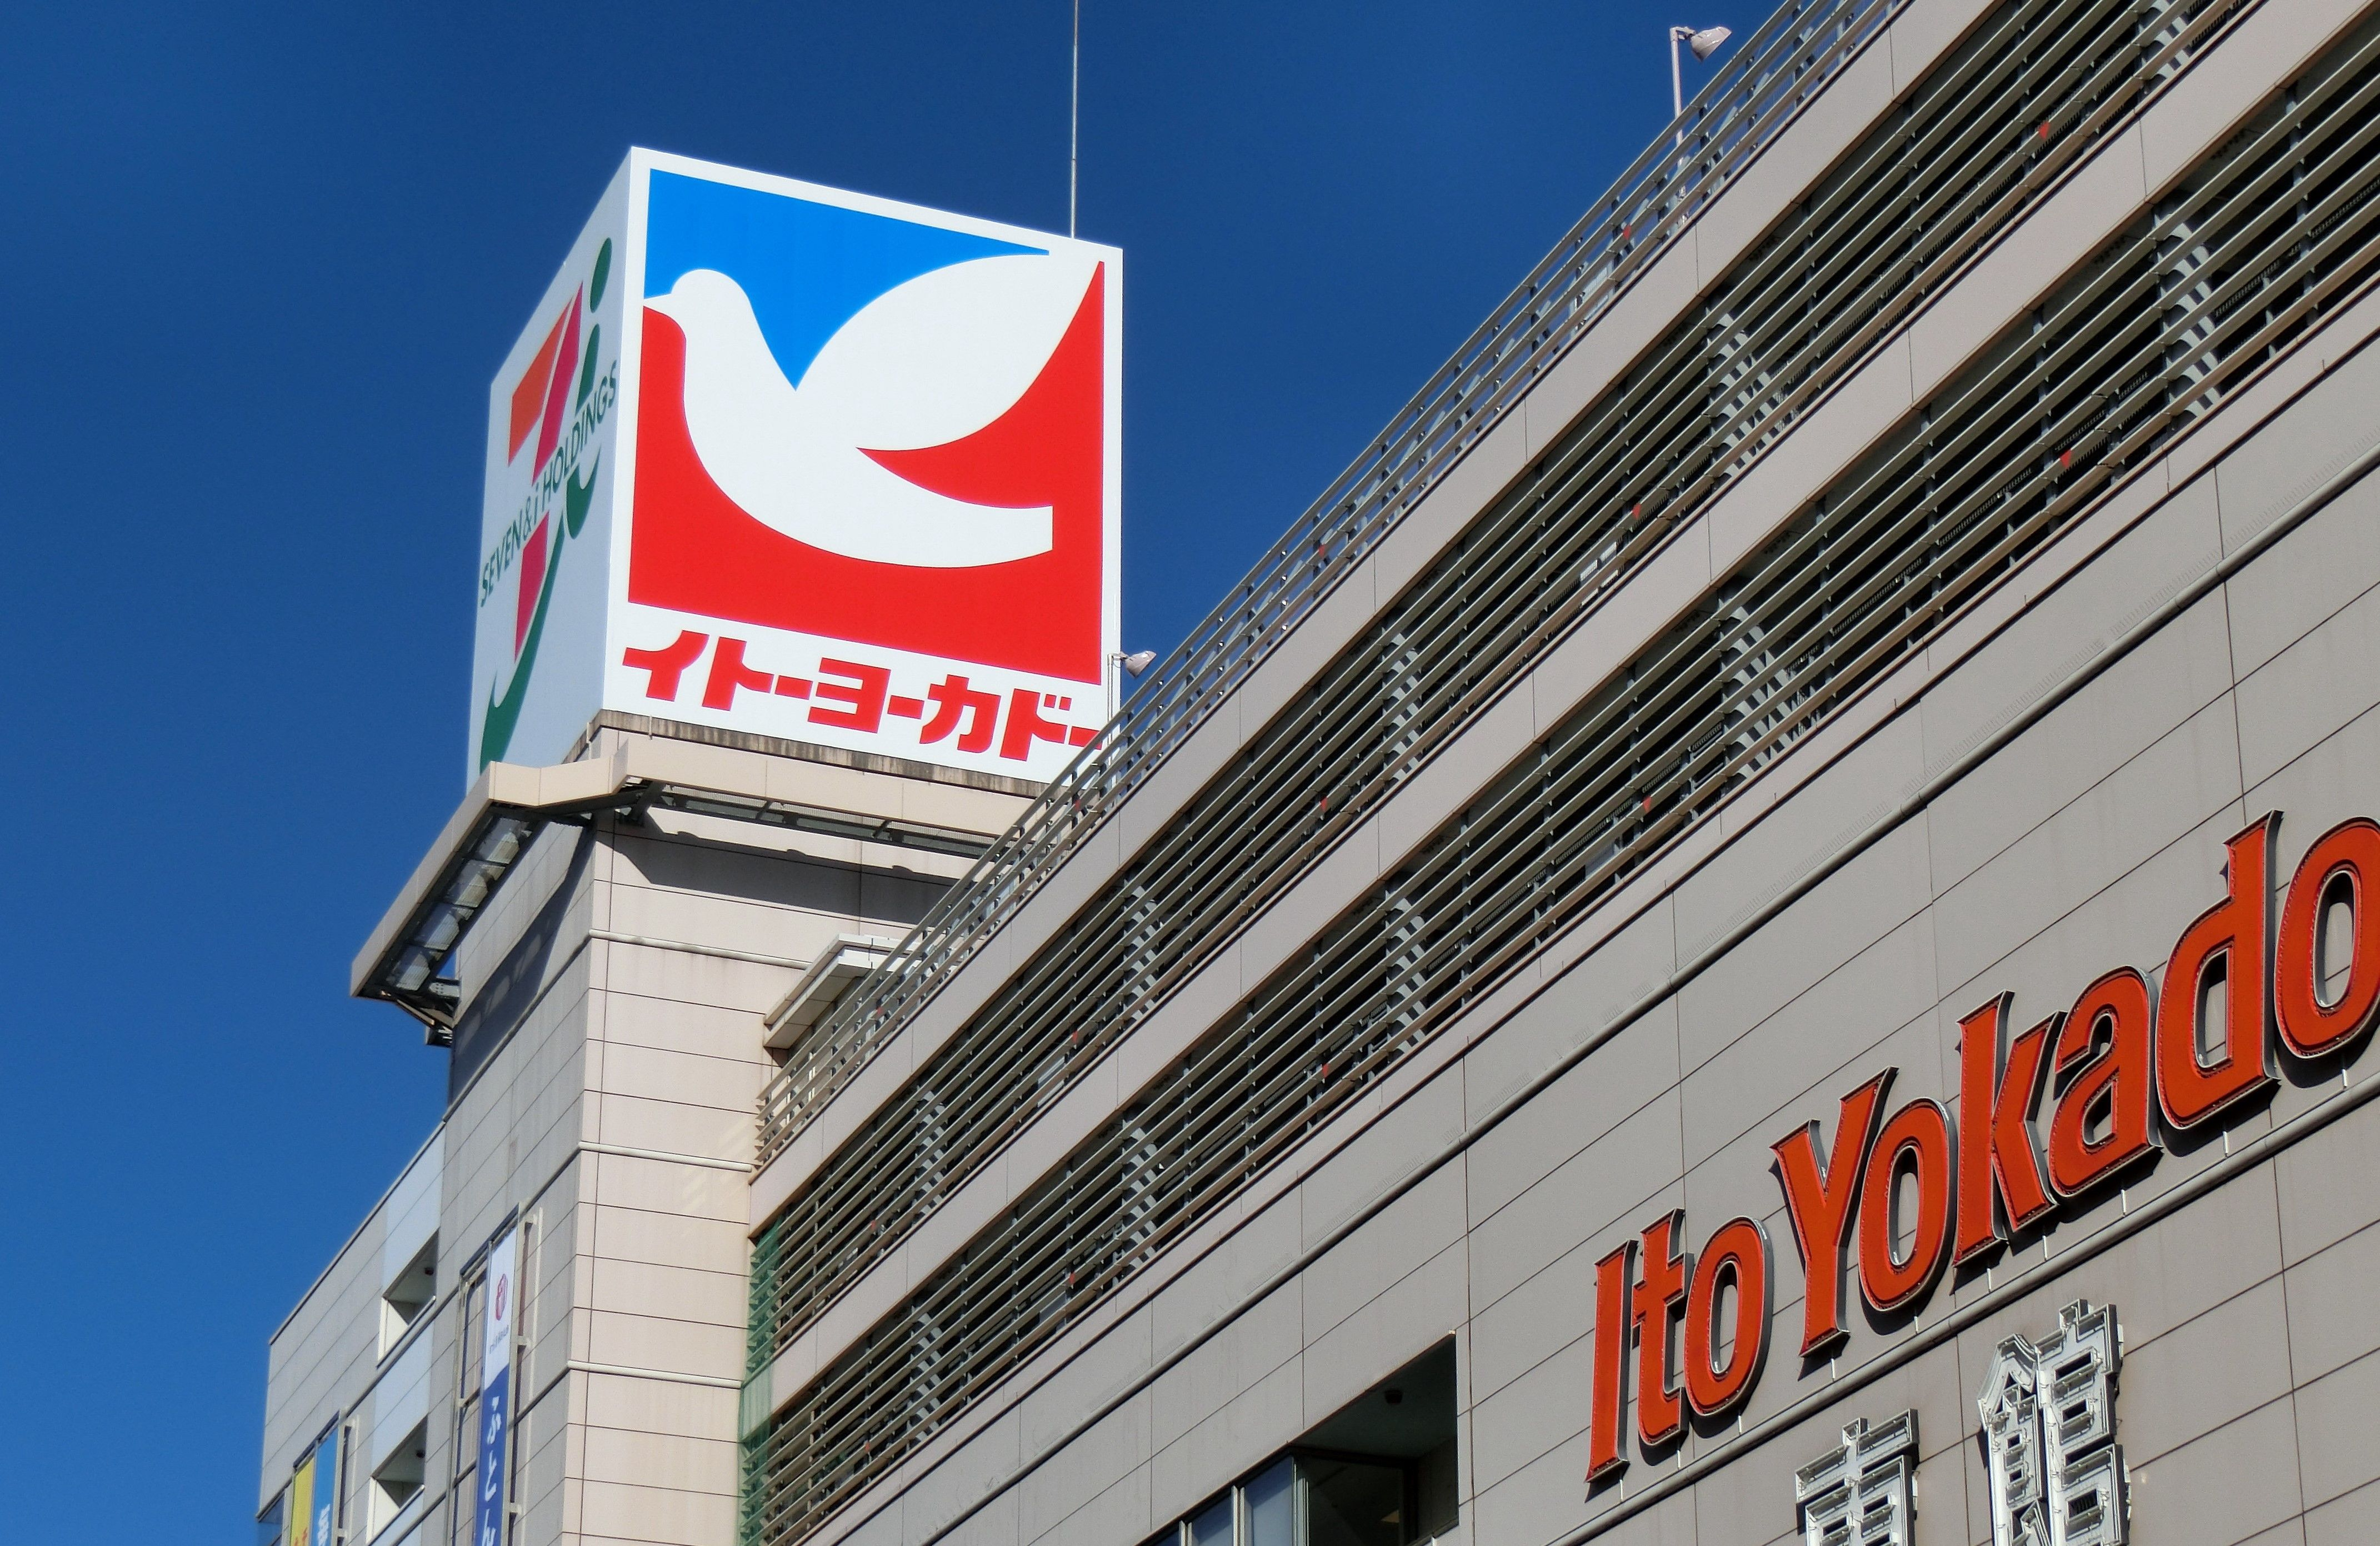 【2020年】マツダ・イトーヨーカ堂・横浜銀行…「100年企業」のルーツは?